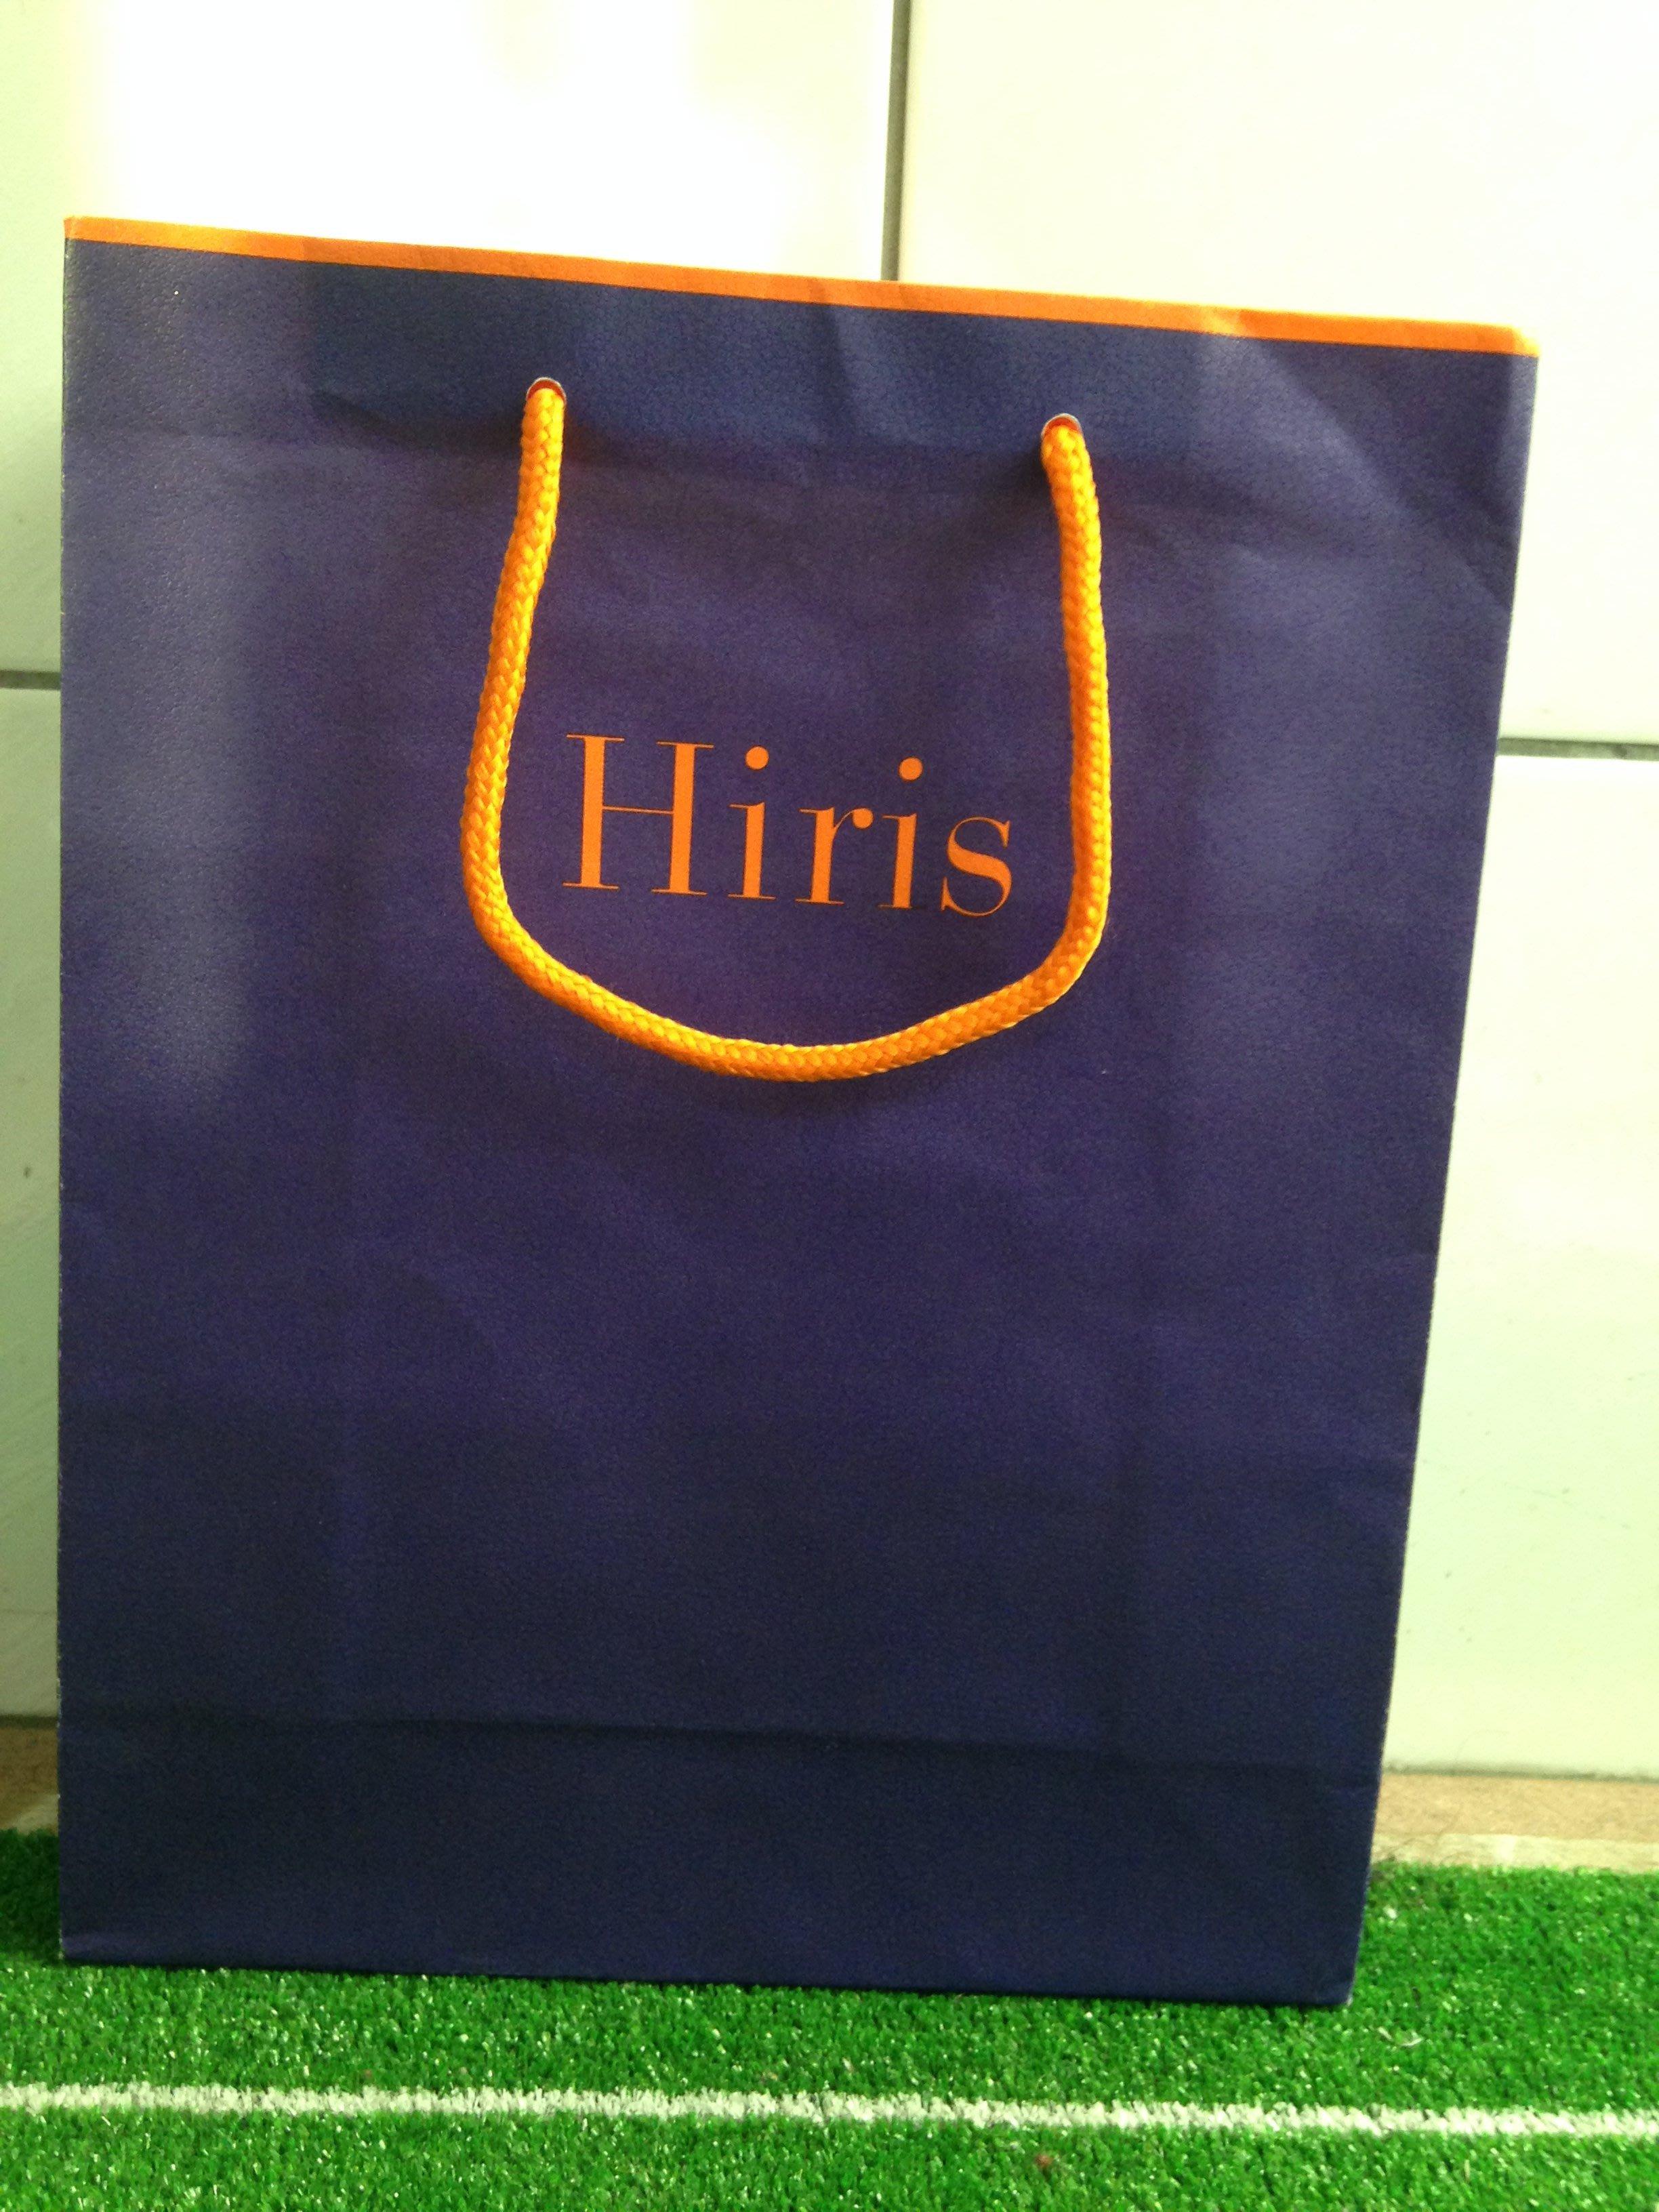 Hiris 二手 深紫色紙袋 約八成新